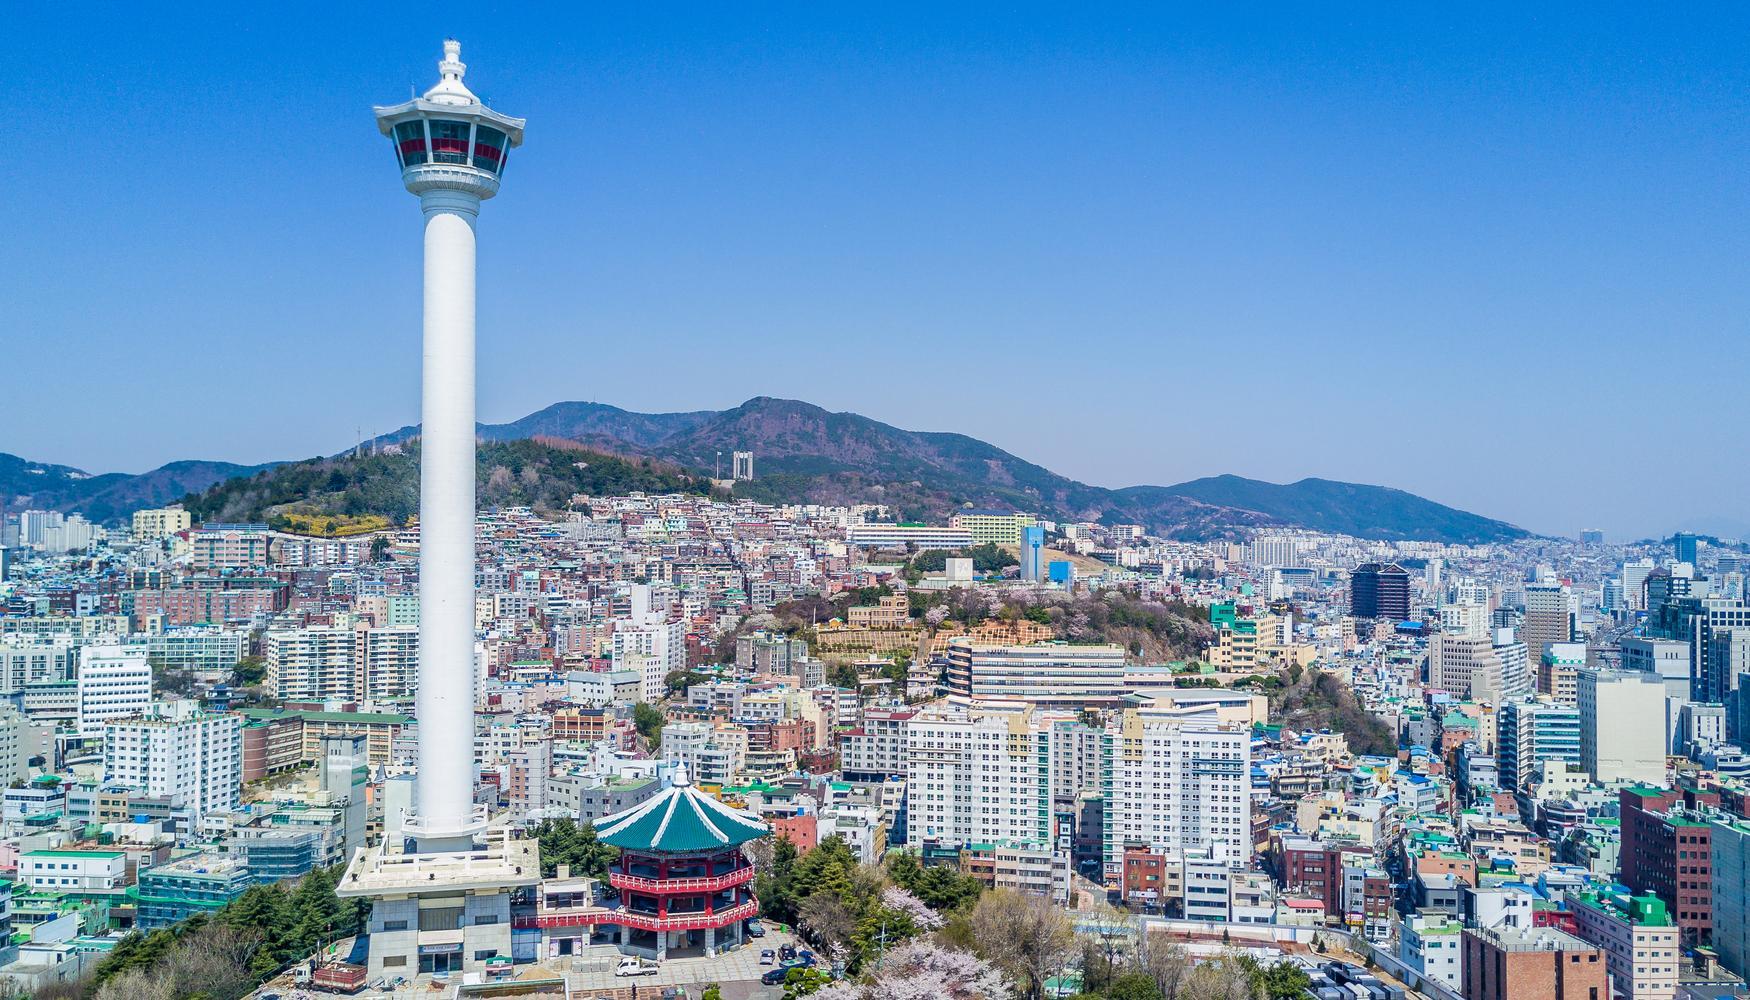 釜山 金海国际机场的租车